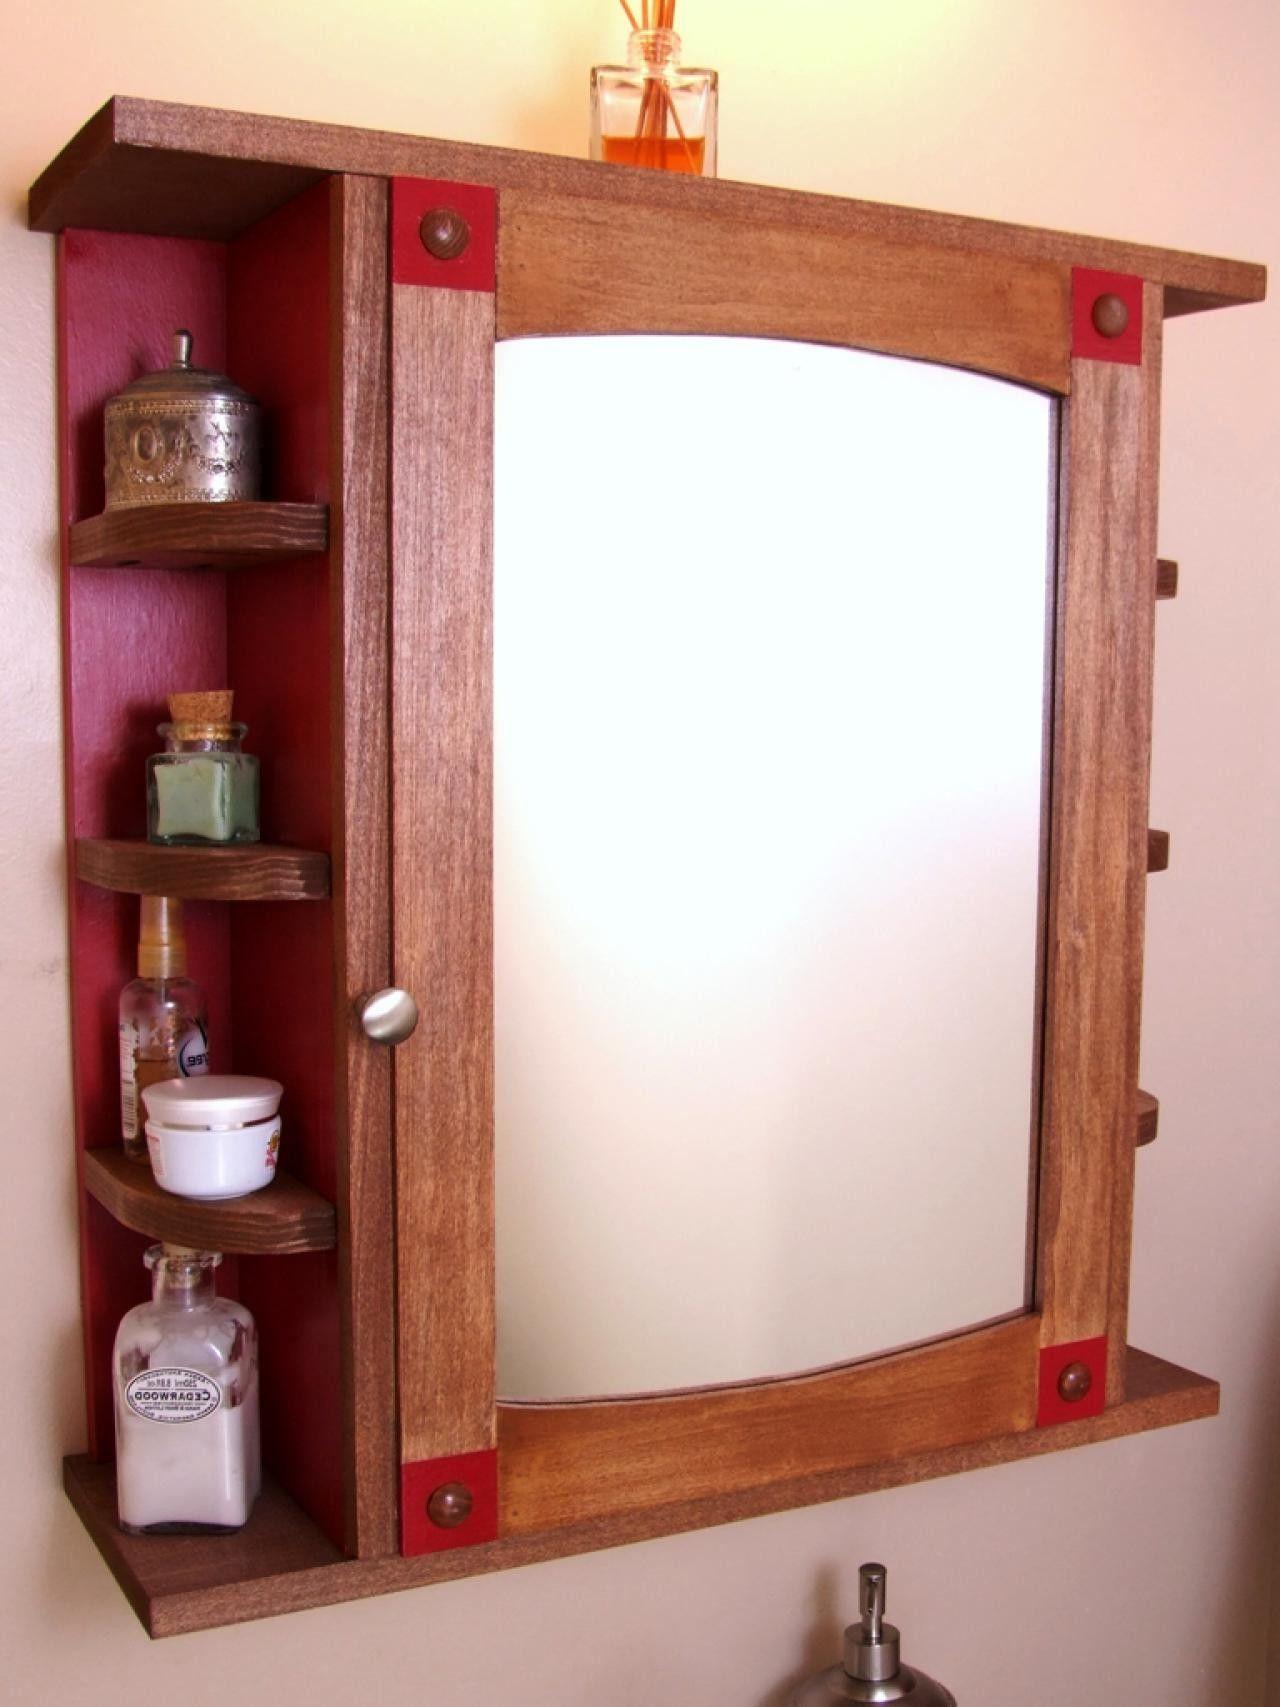 terrific antique bathroom accessories online-Awesome Antique Bathroom Accessories Décor